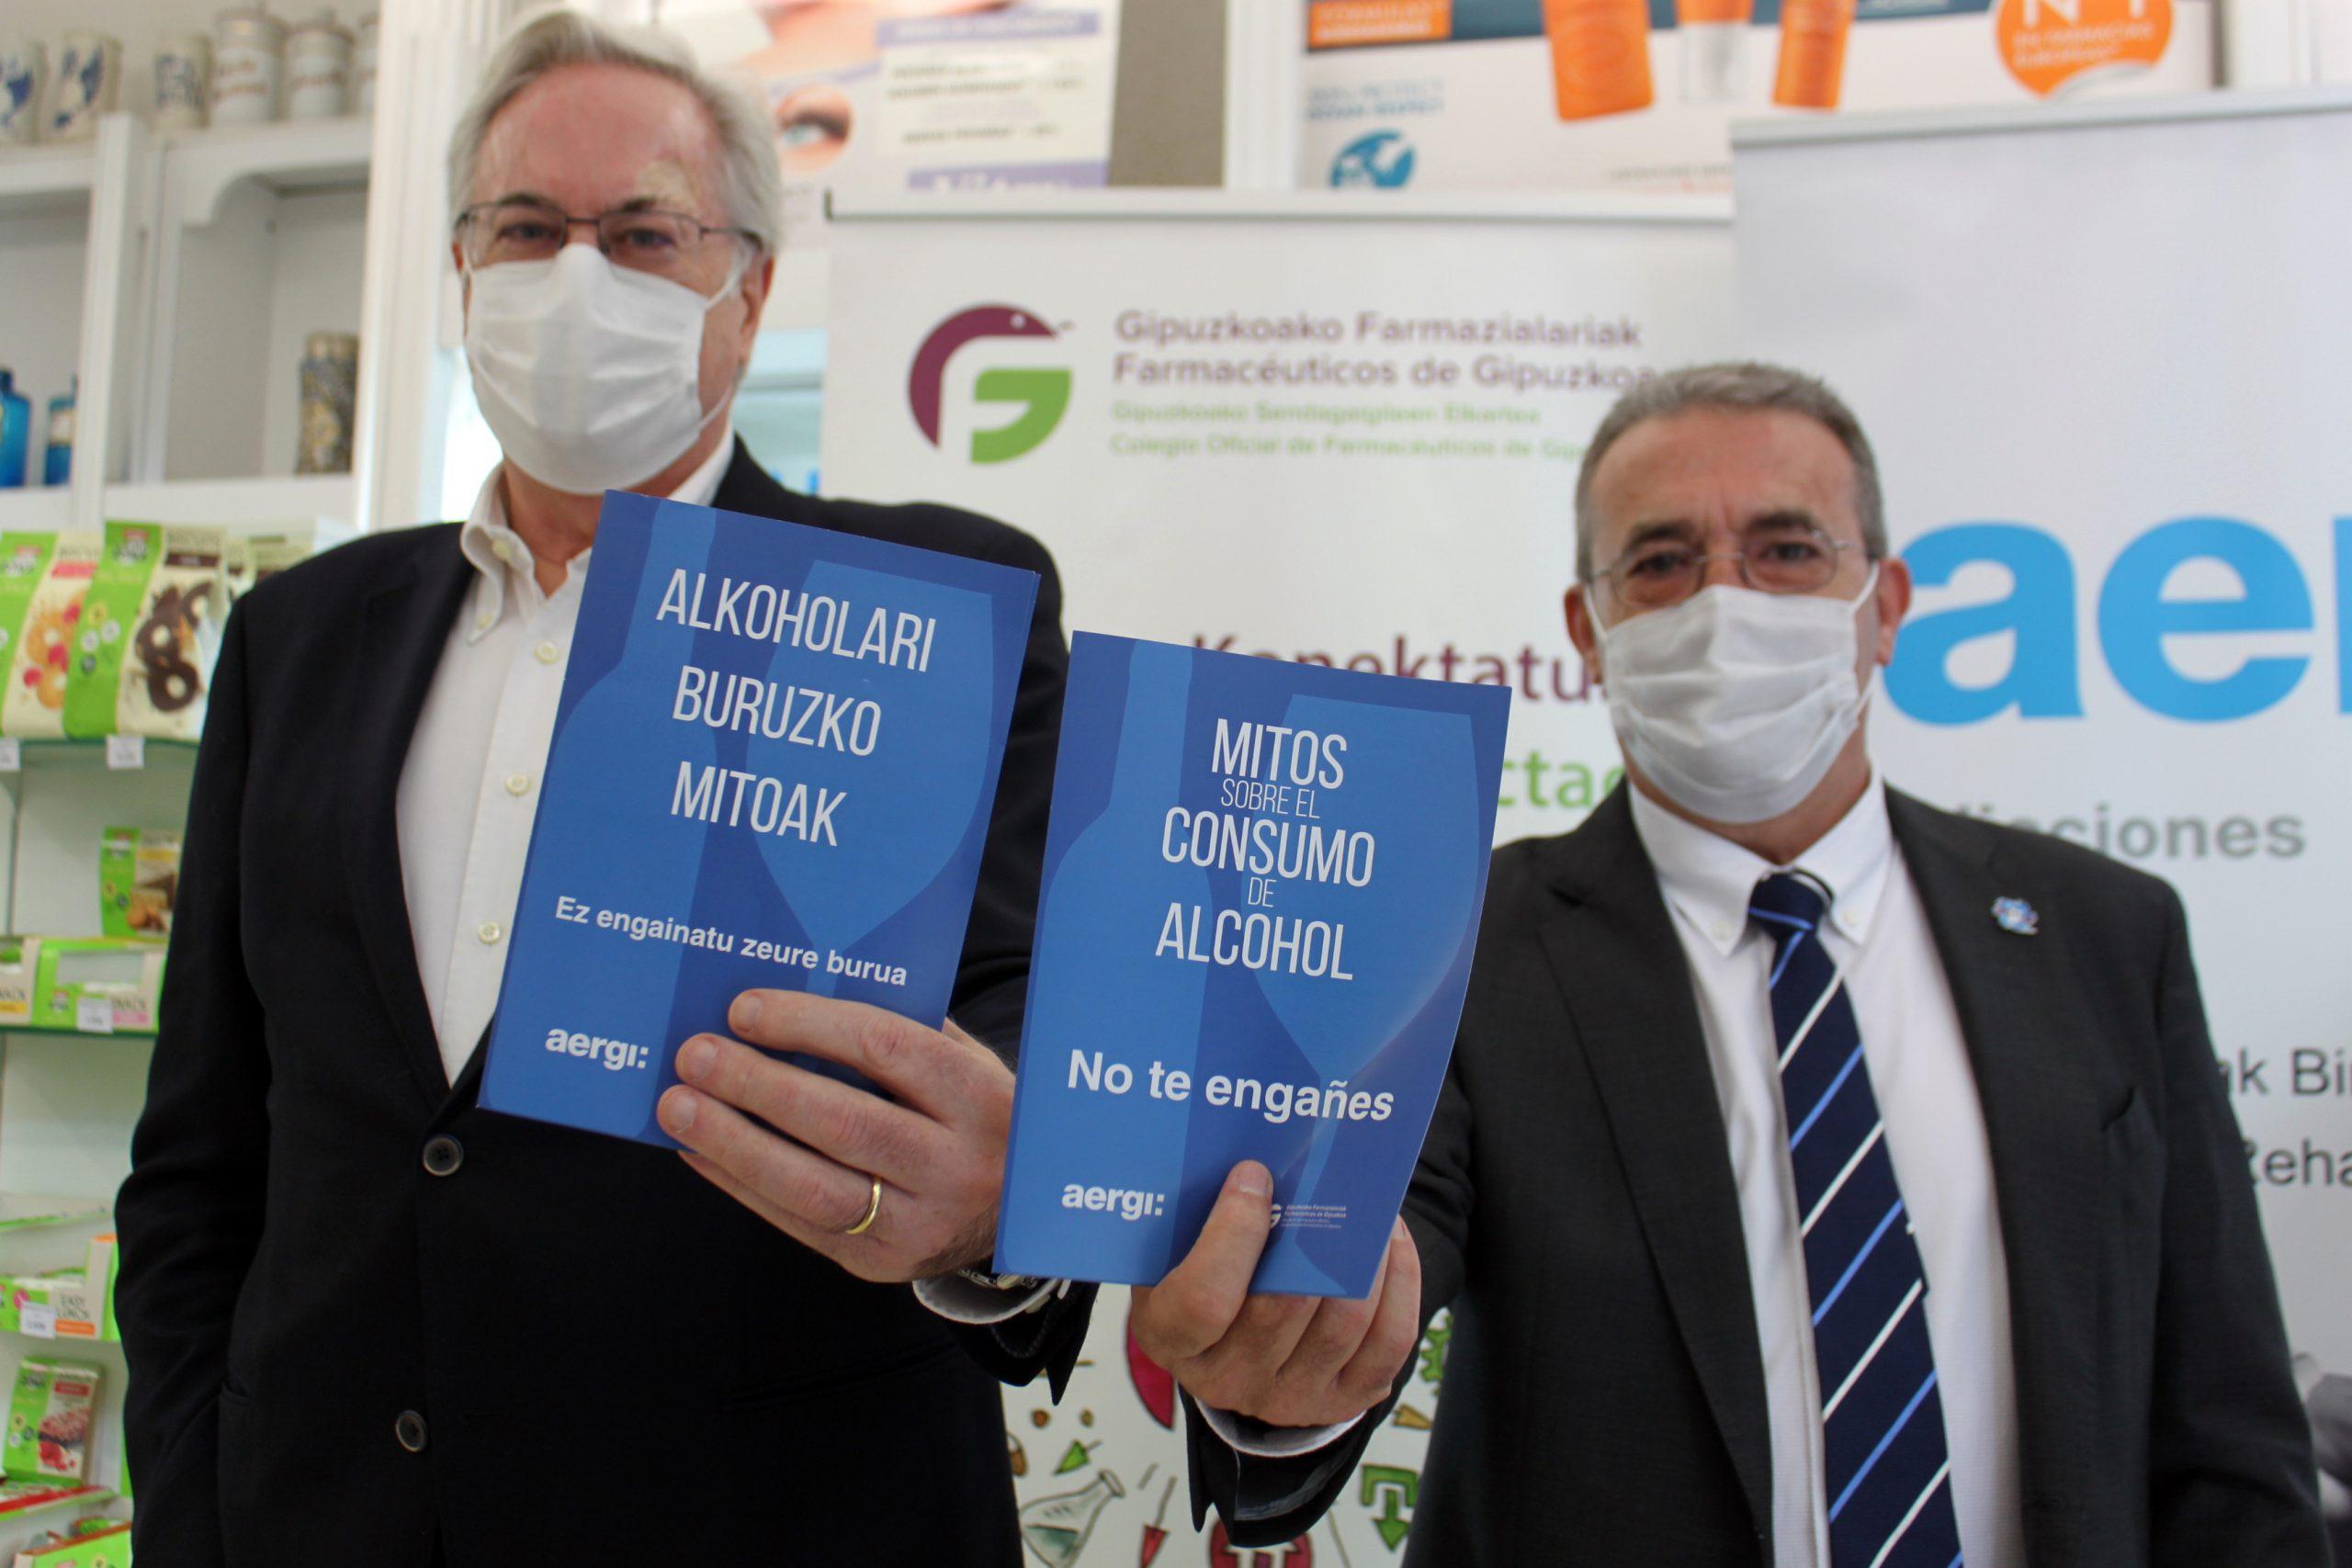 Josean Fernández y Miguel Angel Gastelurrutia con el folleto. Foto: AERGI